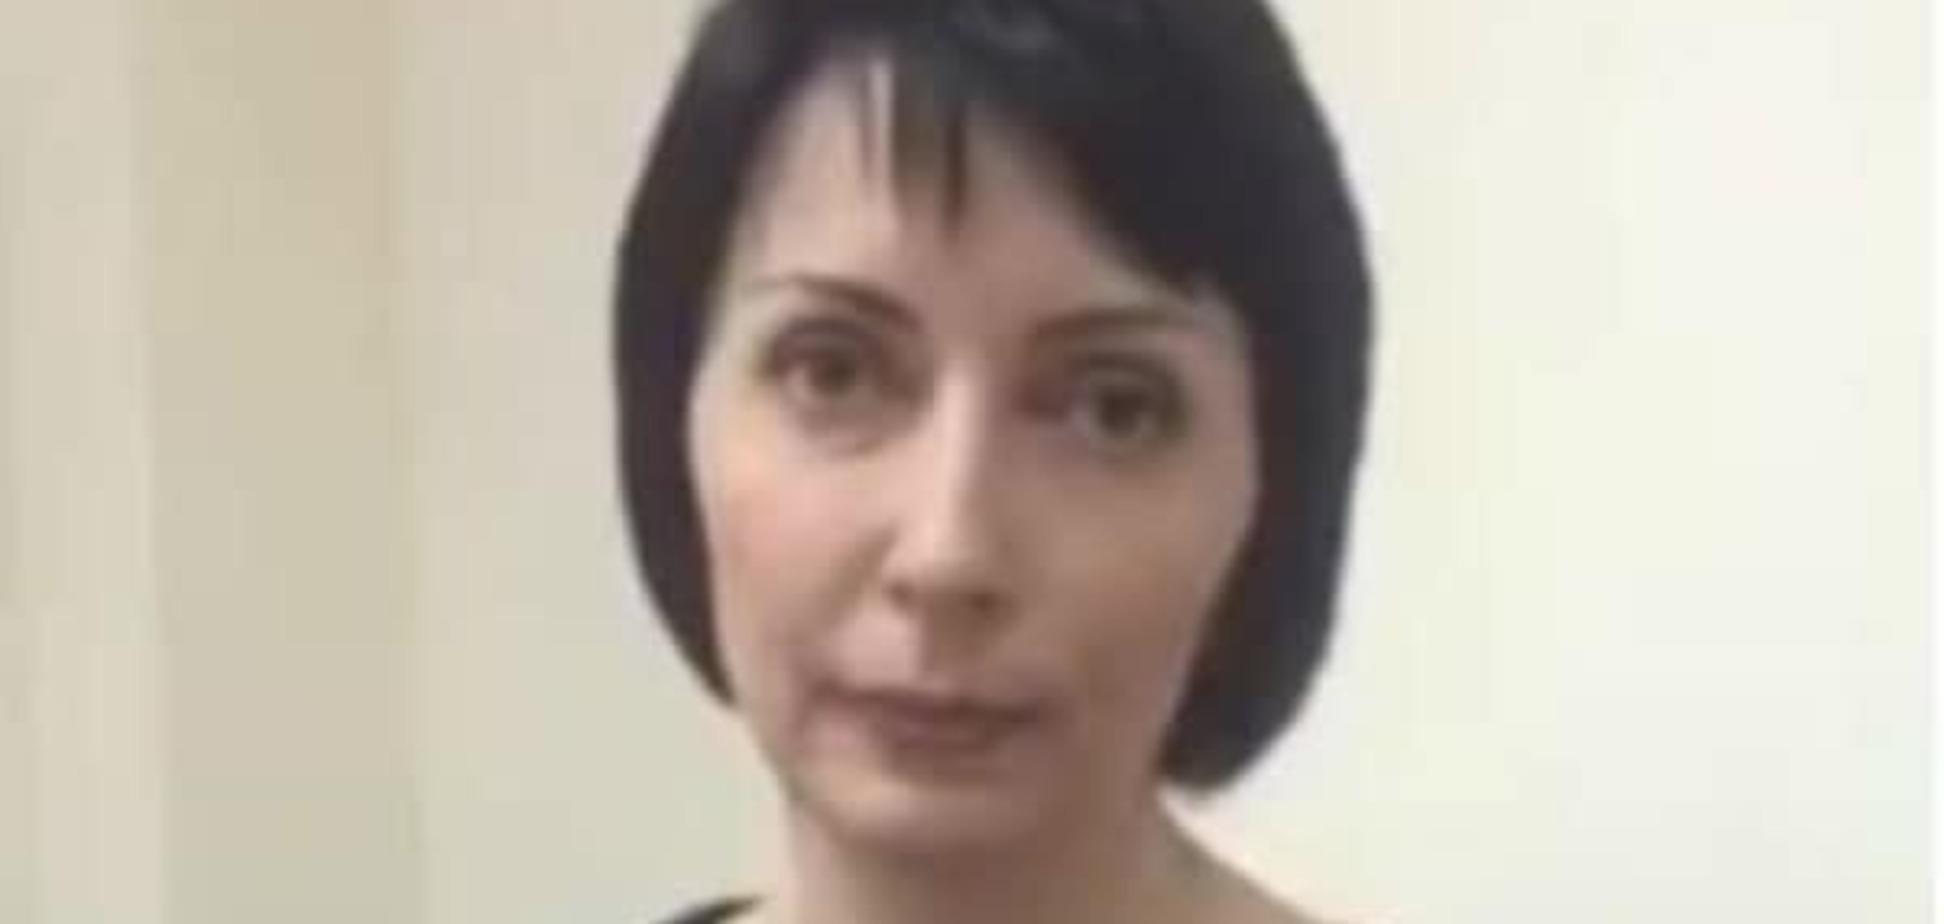 Лукаш: власть не заинтересована в публичном расследовании расстрела Майдана